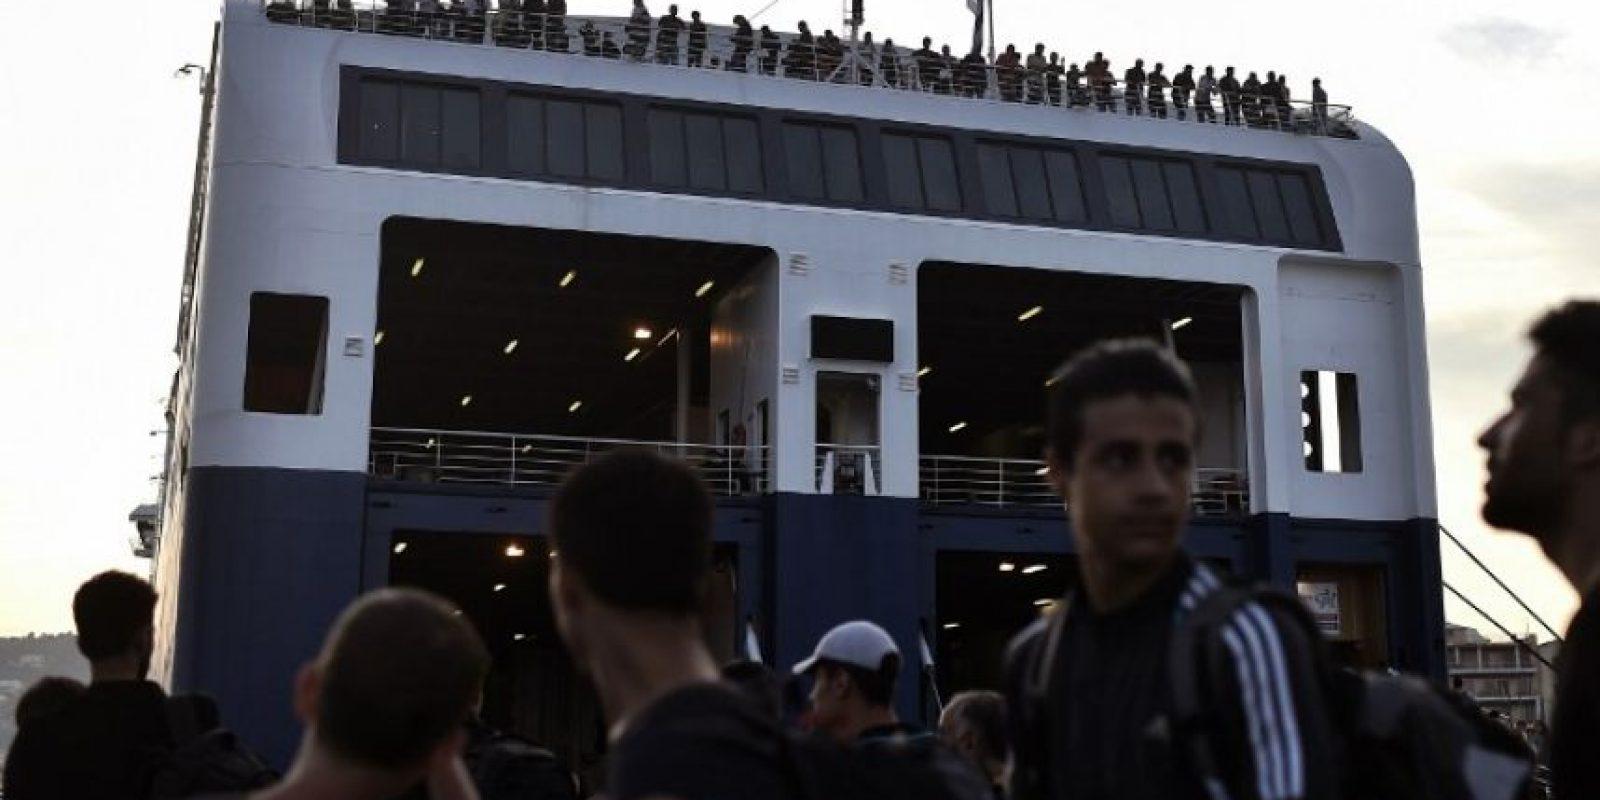 Alemania cree que hasta 1.5 millones de migrantes podrían llegar a su territorio Foto:AFP